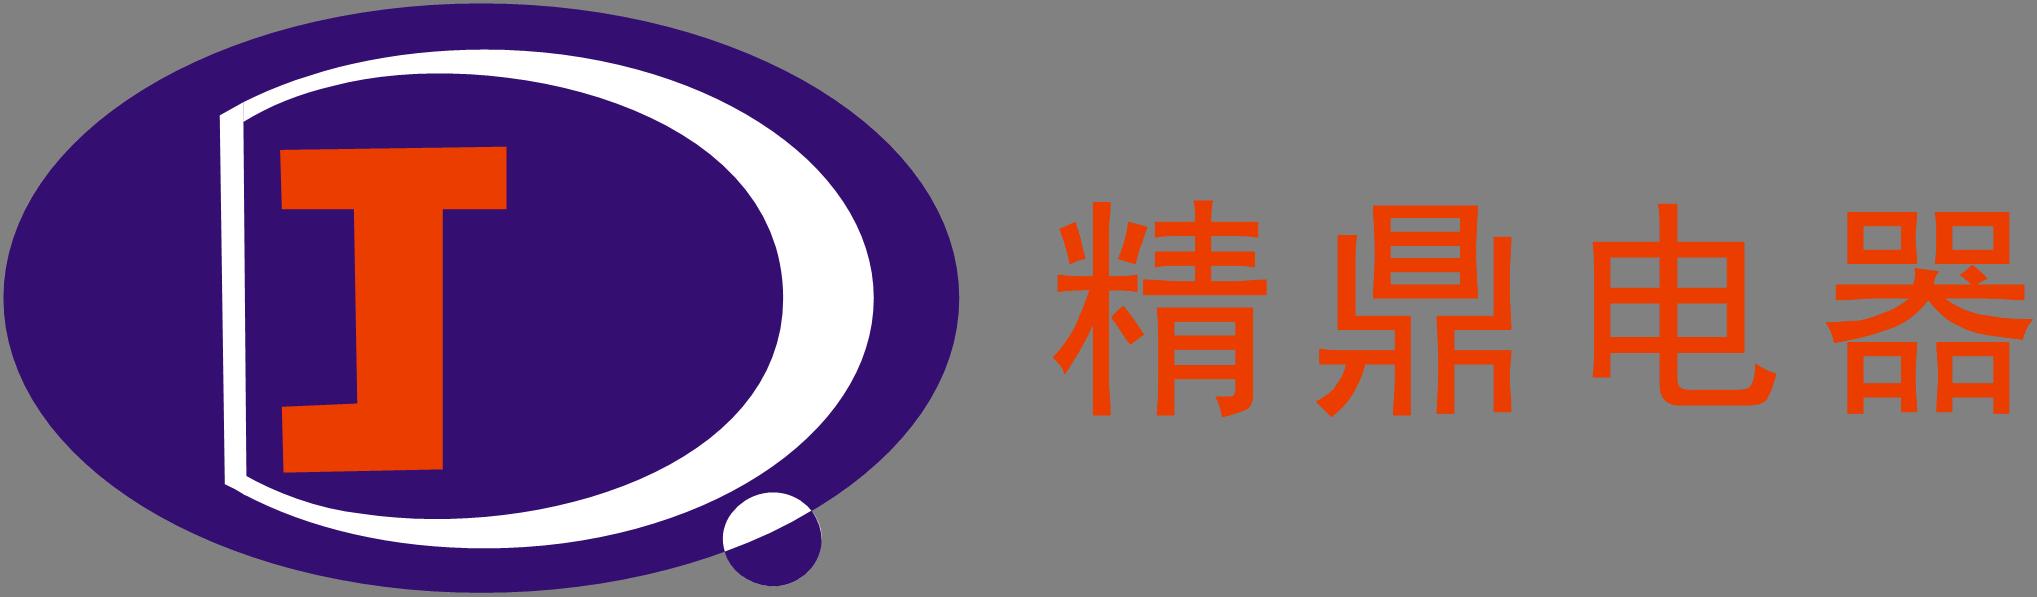 广州市精鼎电器科技有限公司